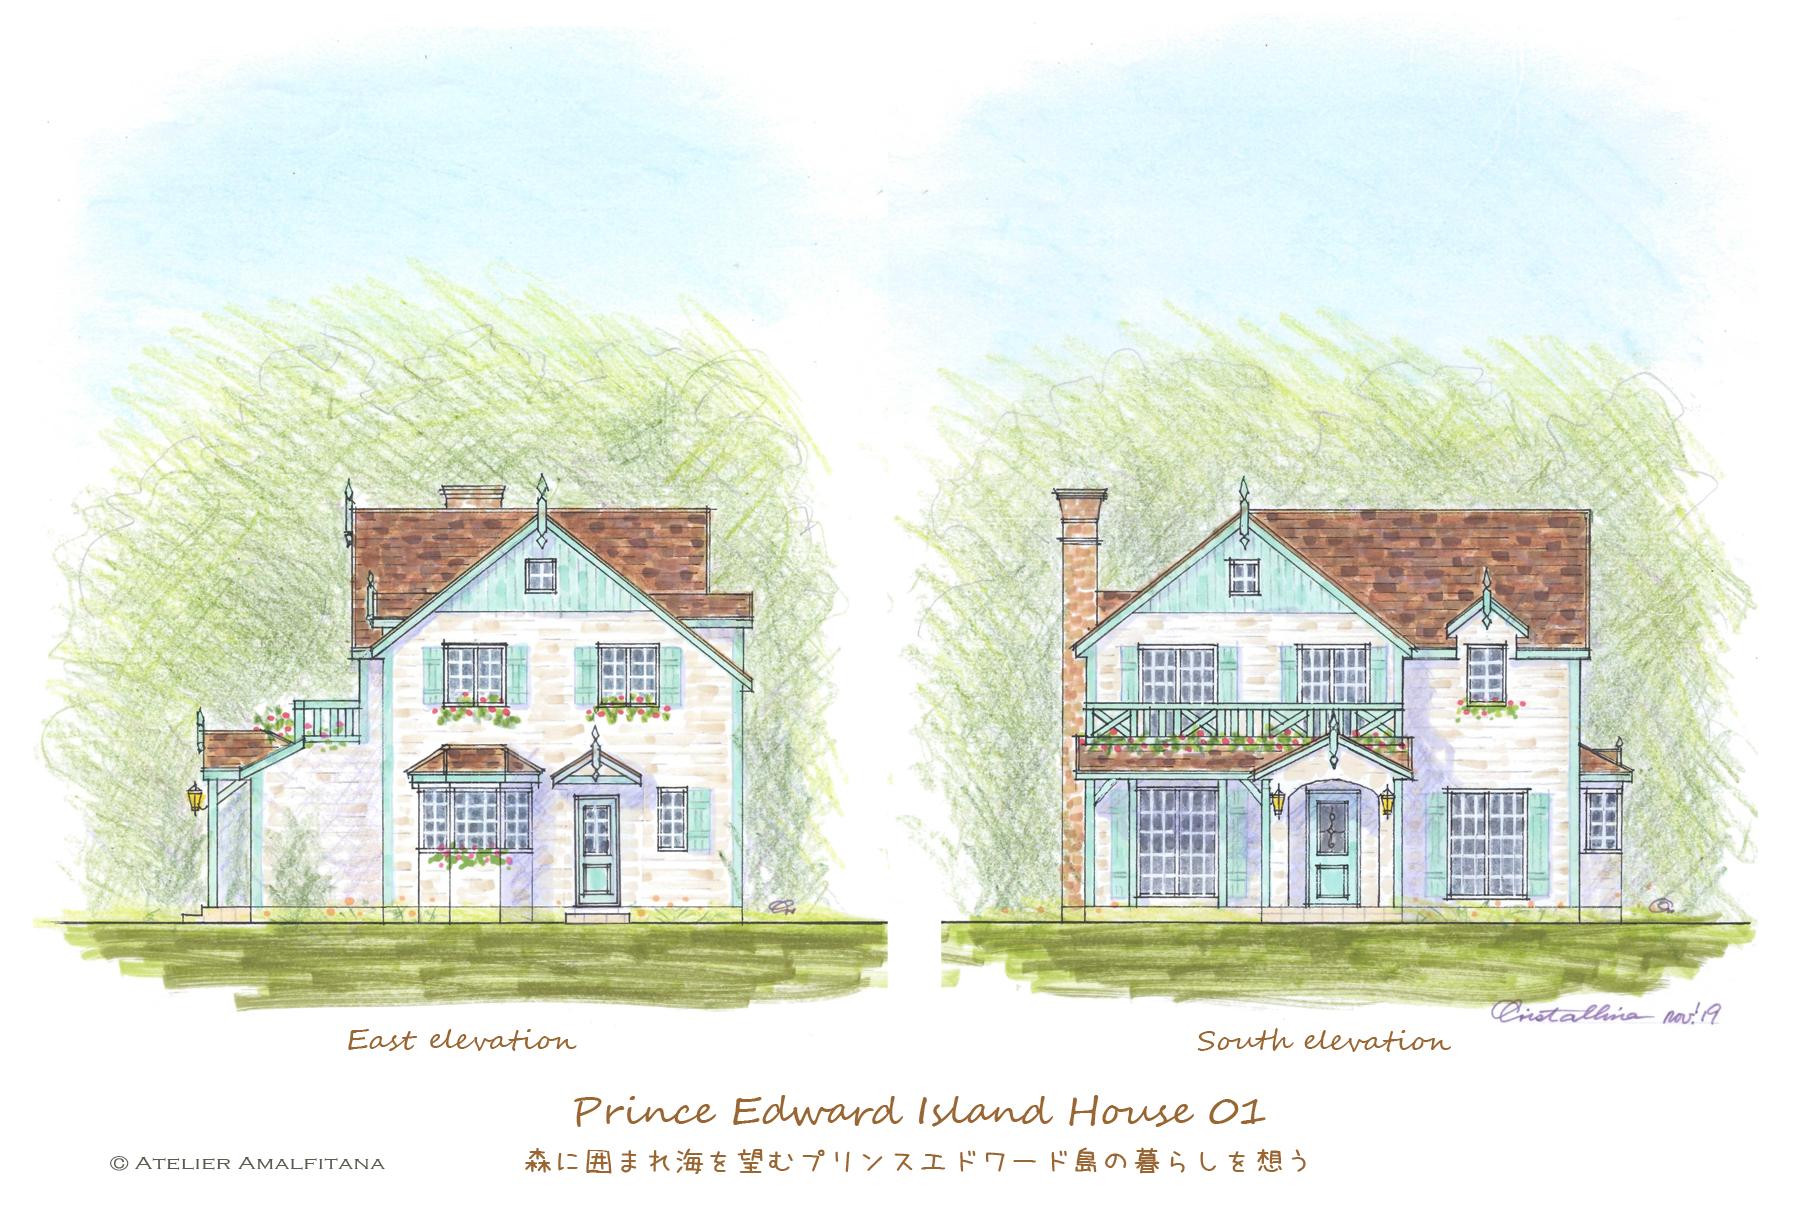 prince edward island elev1